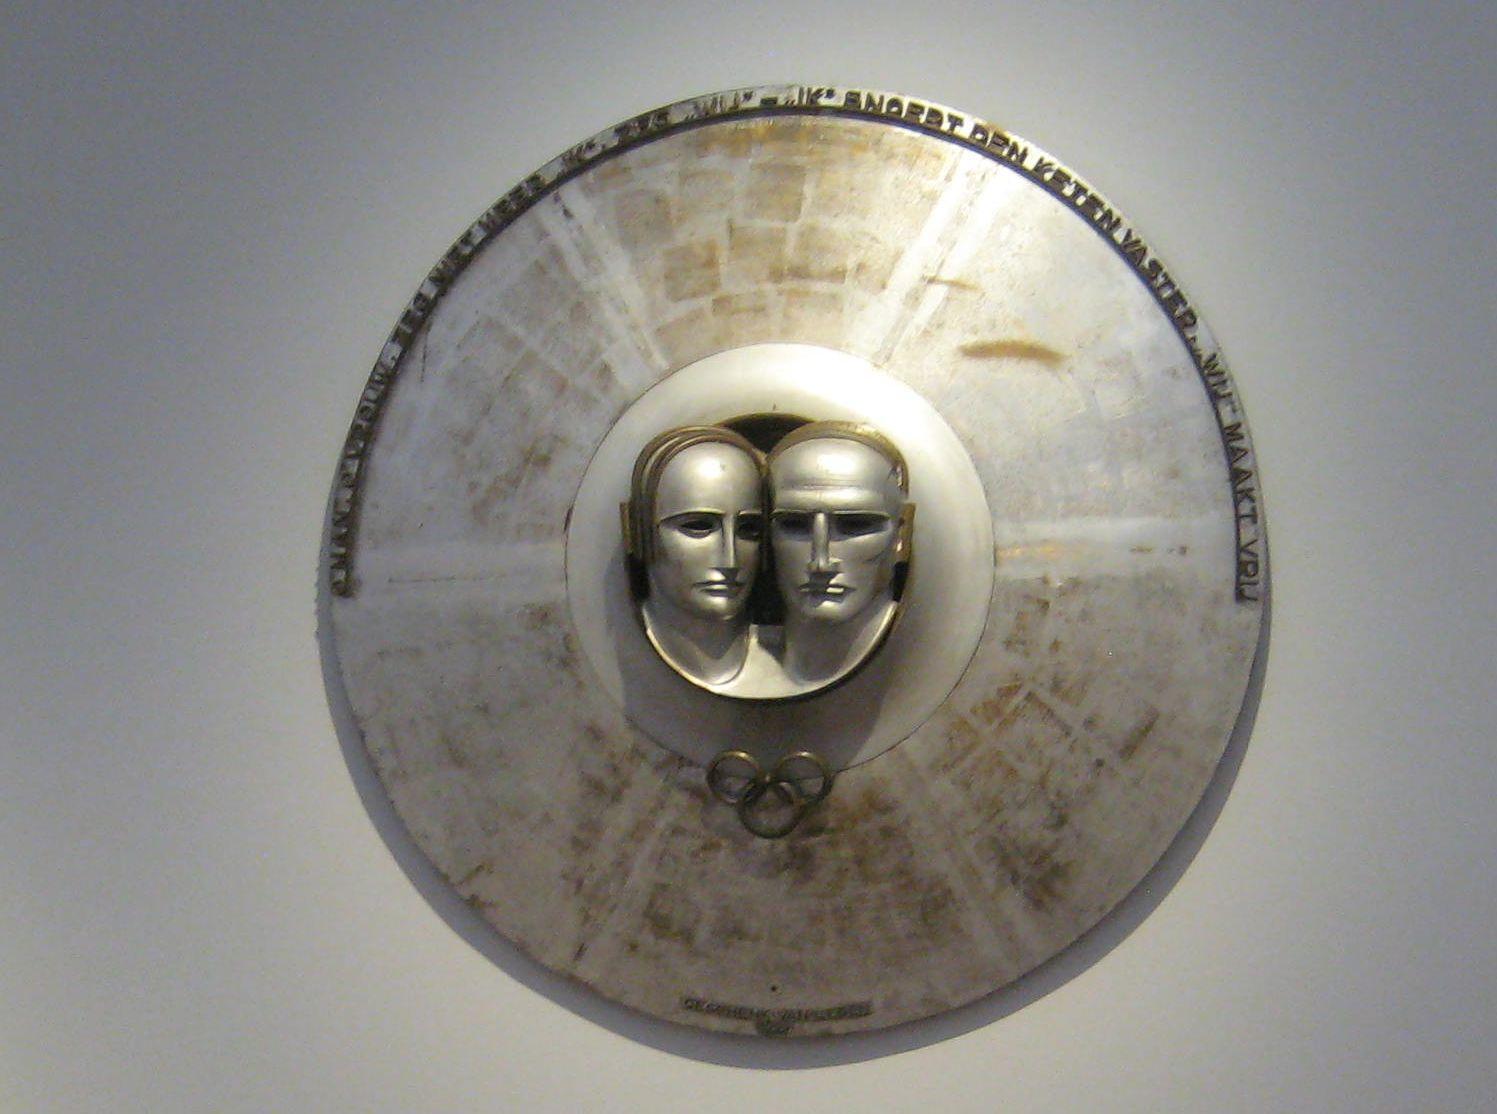 Rudolf Belling: Silberner Rundschild, 1928/29. Foto: Staatliche Museen zu Berlin